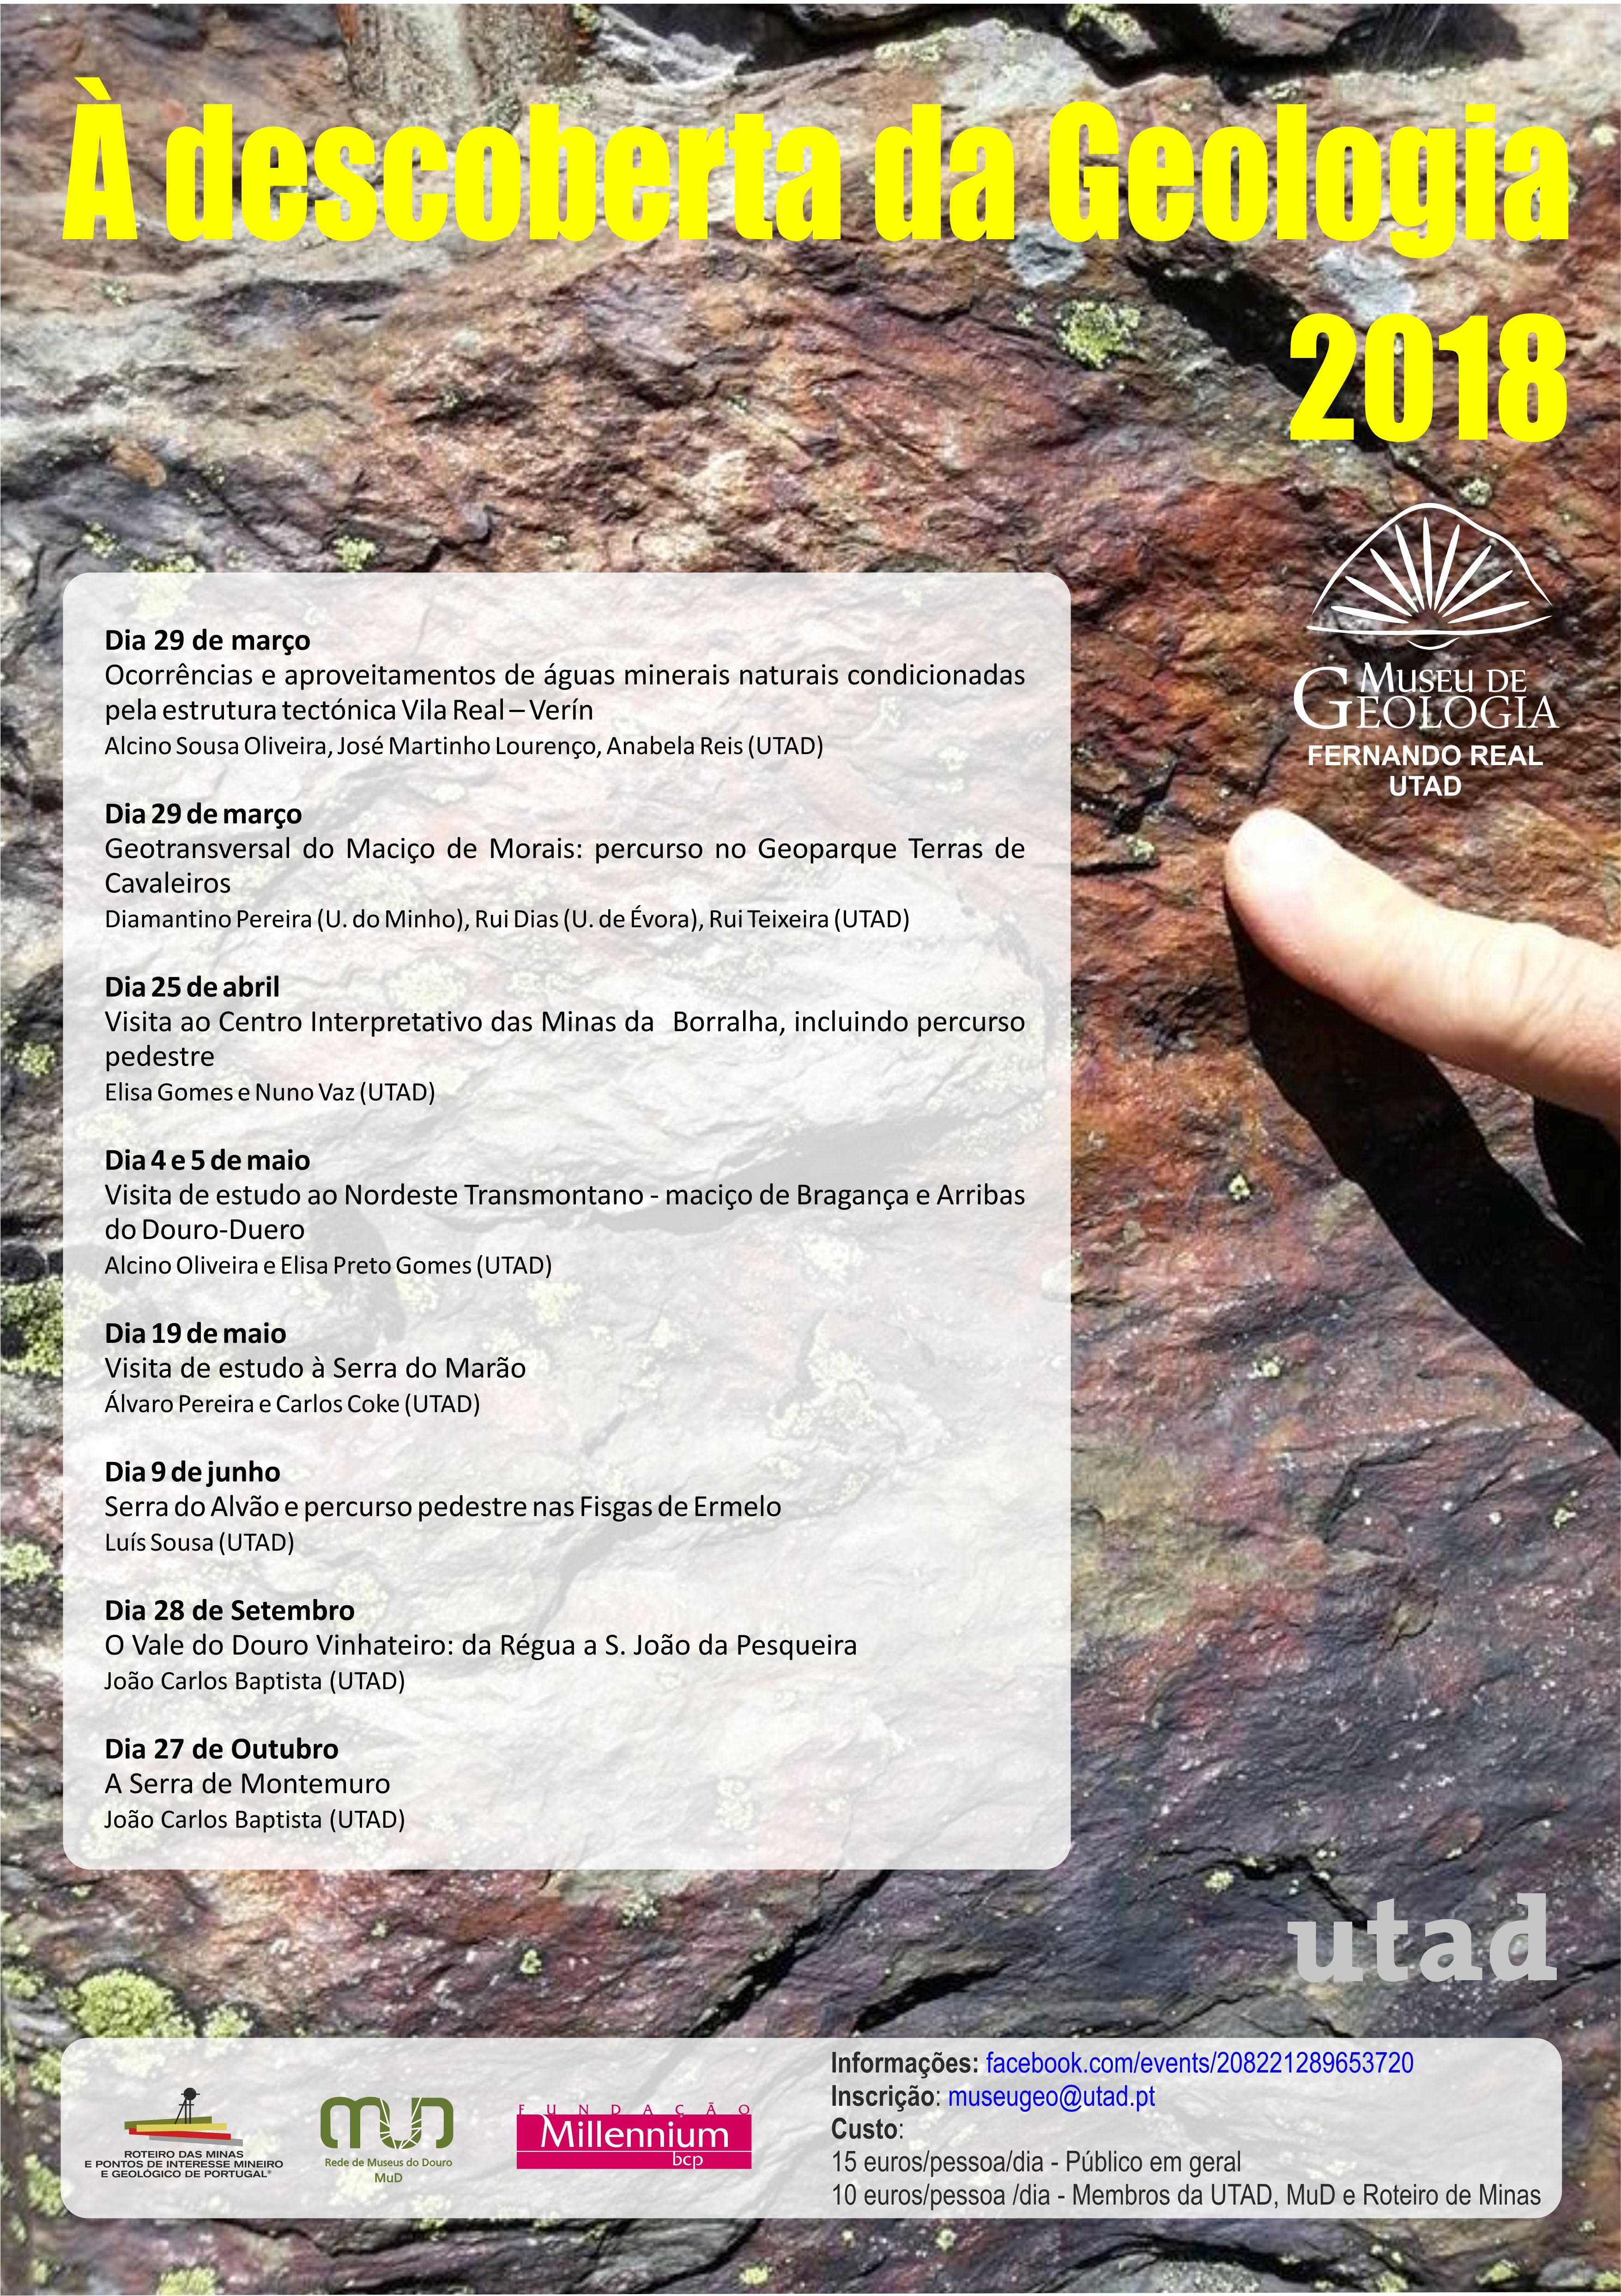 Cartaz: Descoberta Geologia